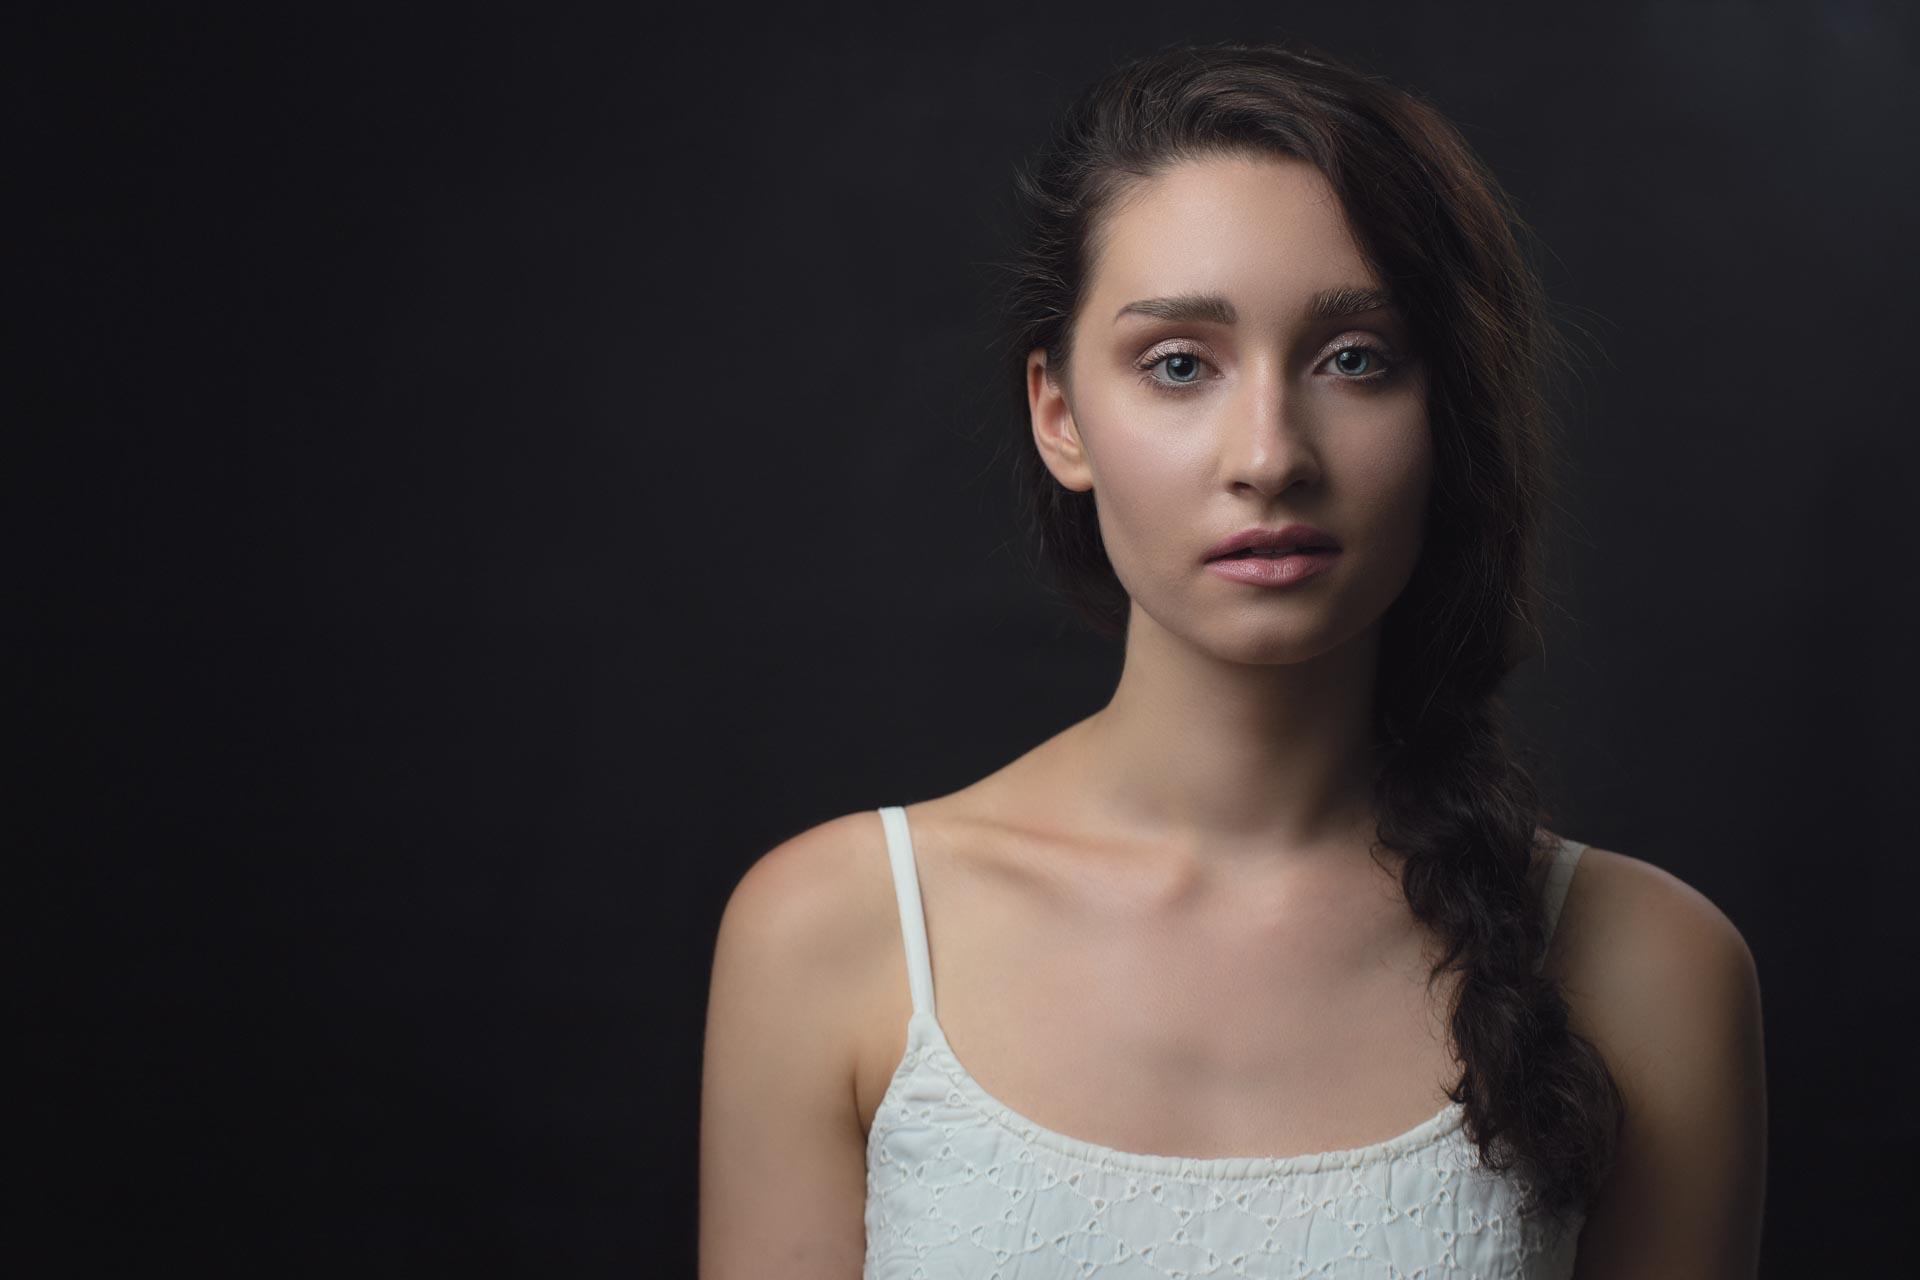 Beauty photoshoot with Valeria